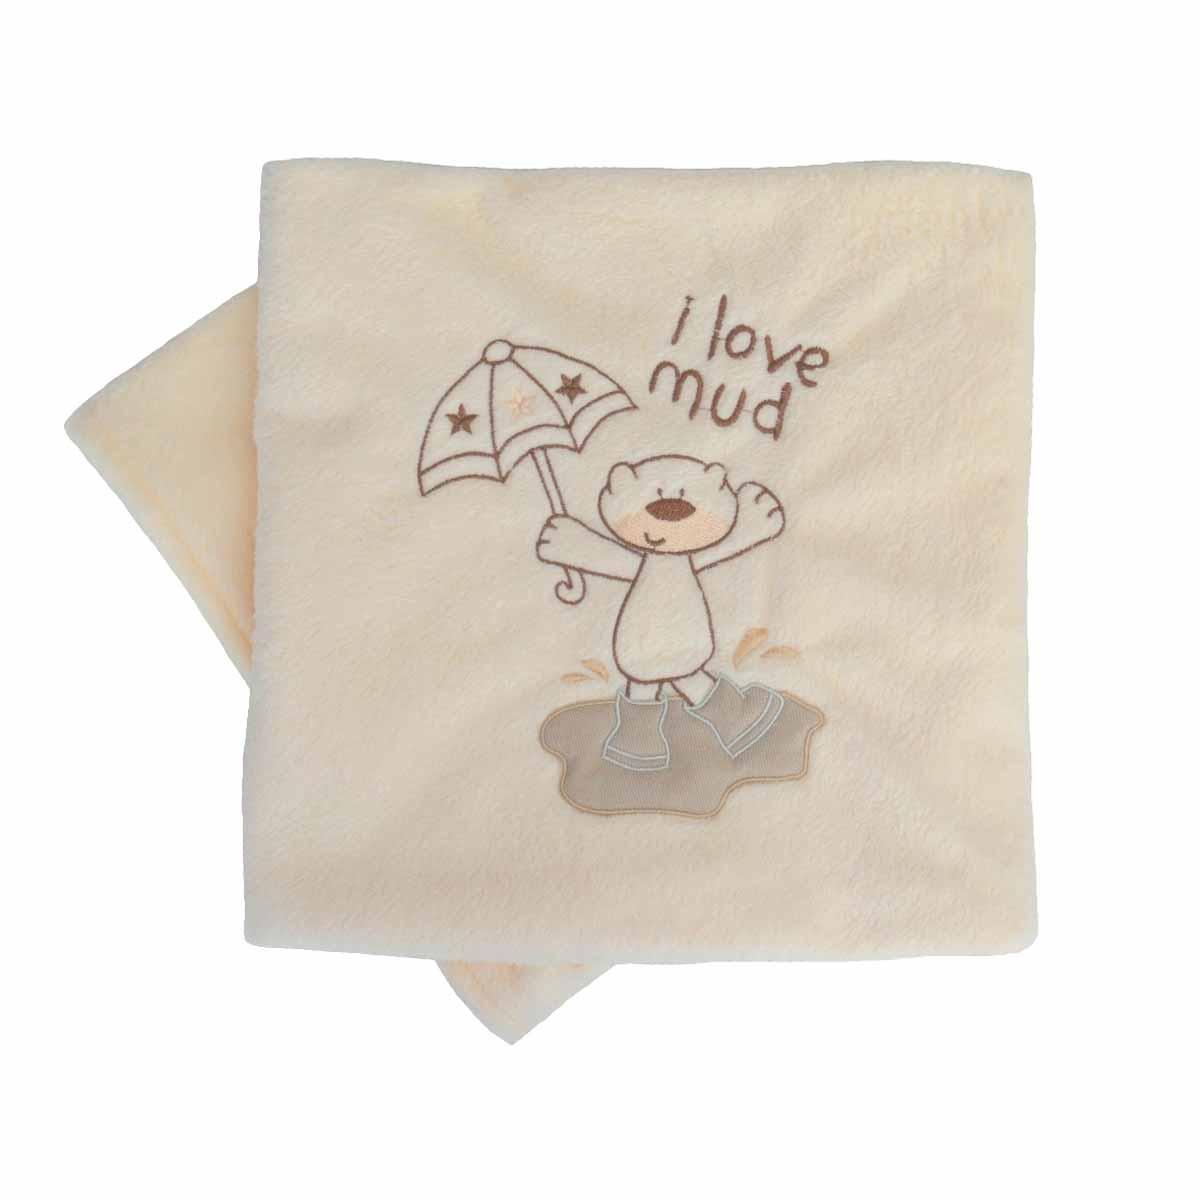 Κουβέρτα Fleece Αγκαλιάς Κόσμος Του Μωρού Mud Εκρού